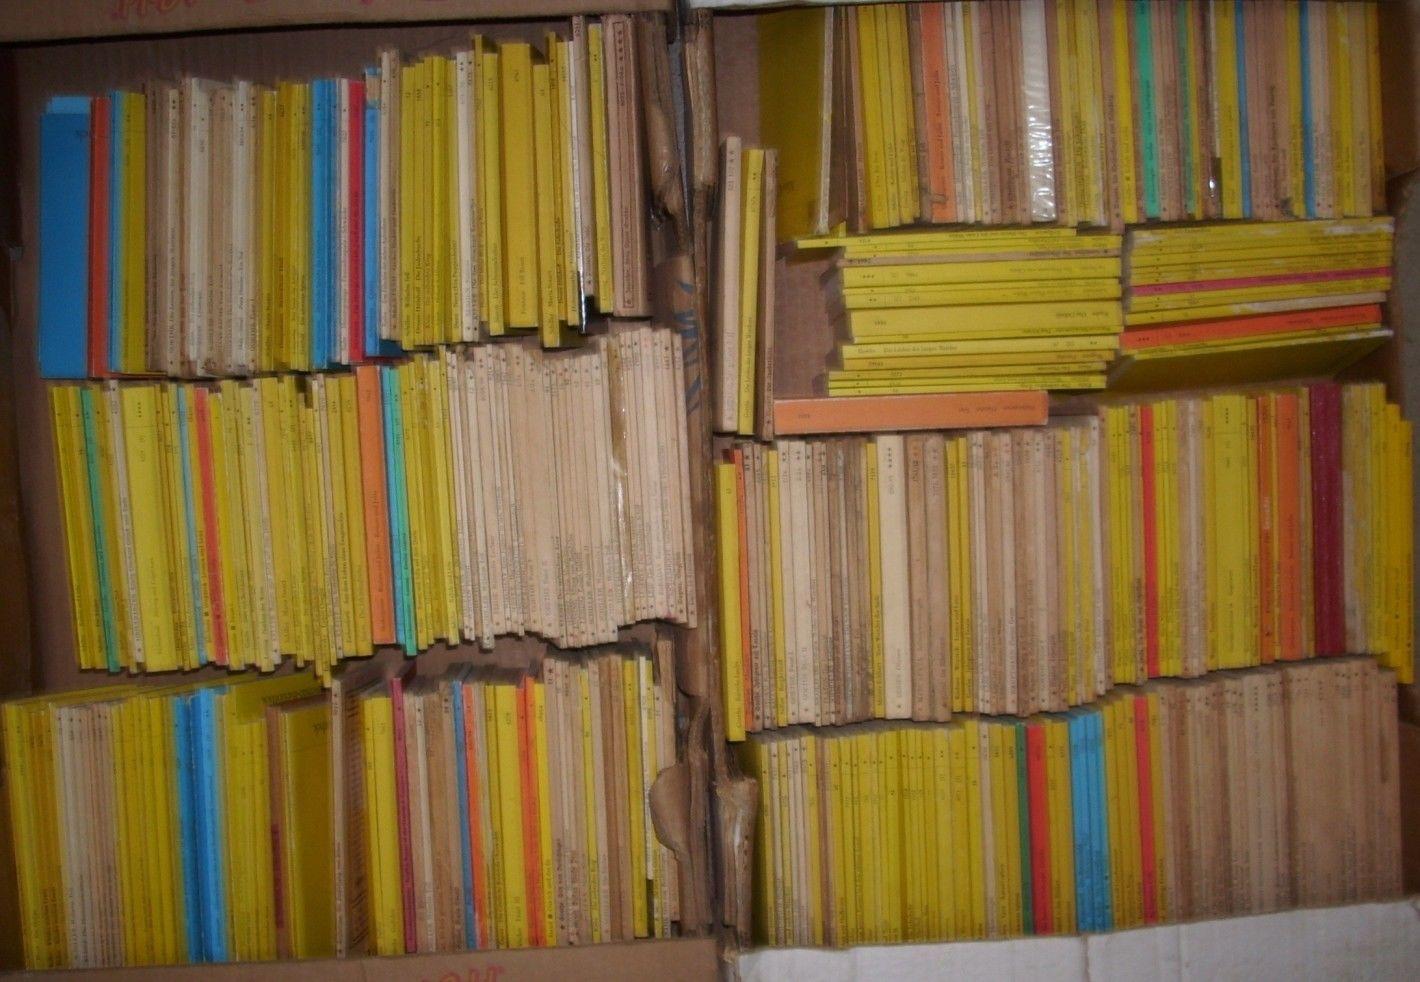 2 Kisten mit Reclam Heftchen ca. 380 Stück meist gelb oder weiß Klassiker